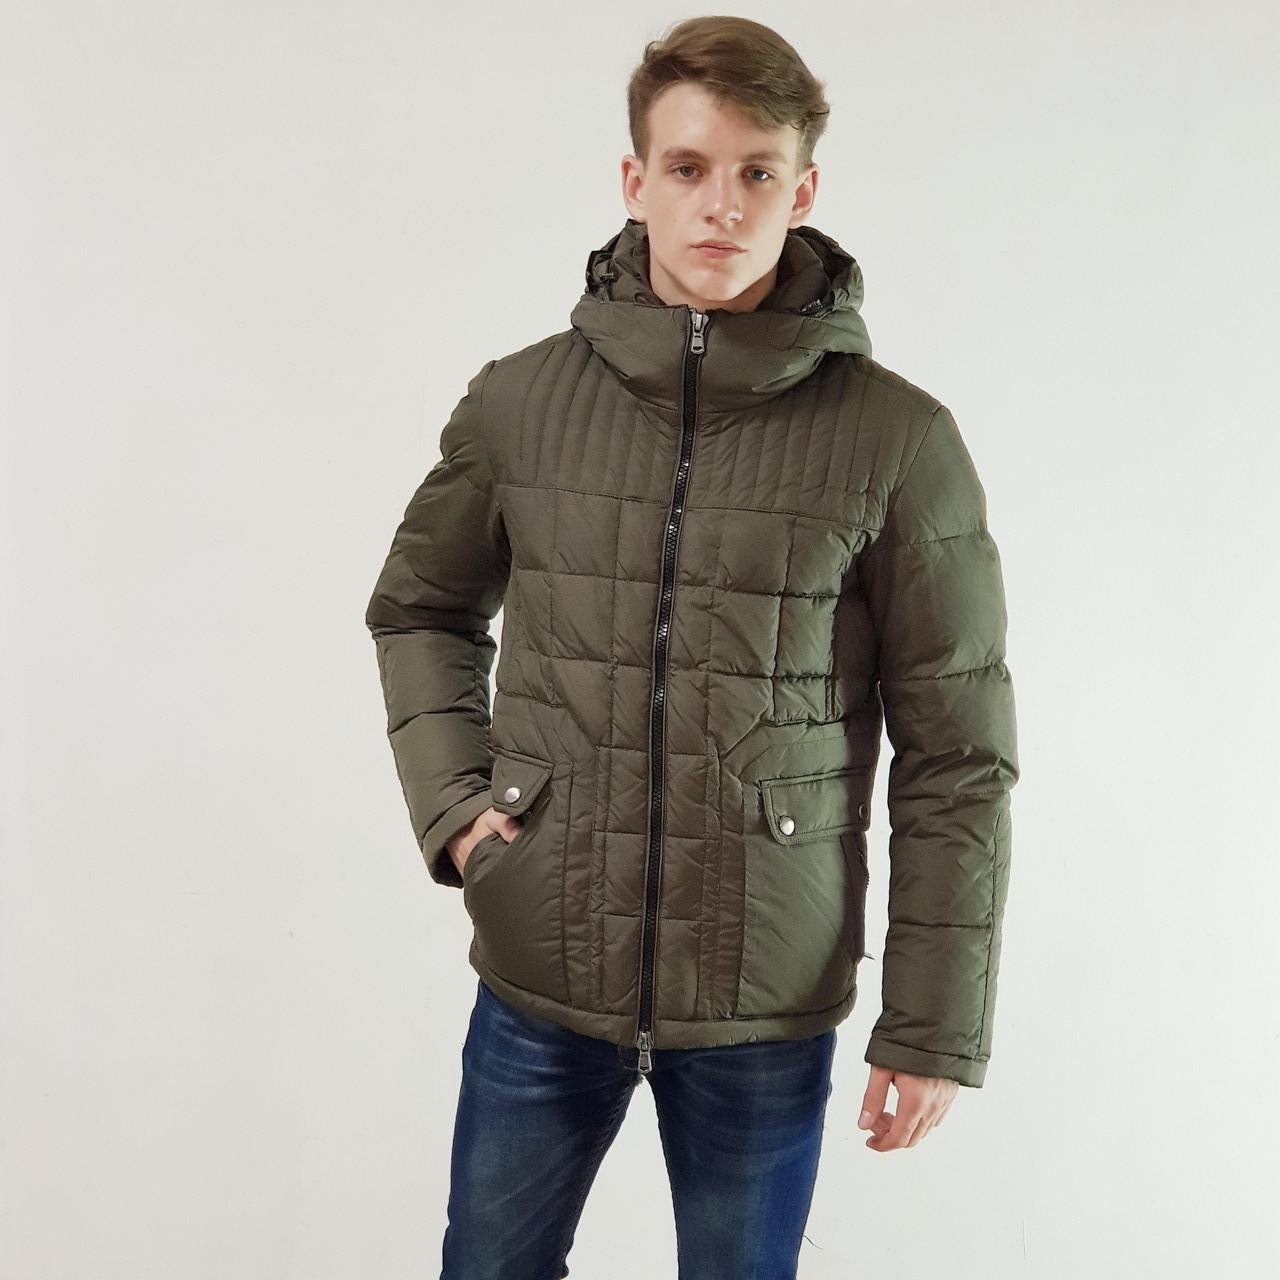 Куртка мужская зимняя Snowimage с капюшоном 46 оливковый 124-4413